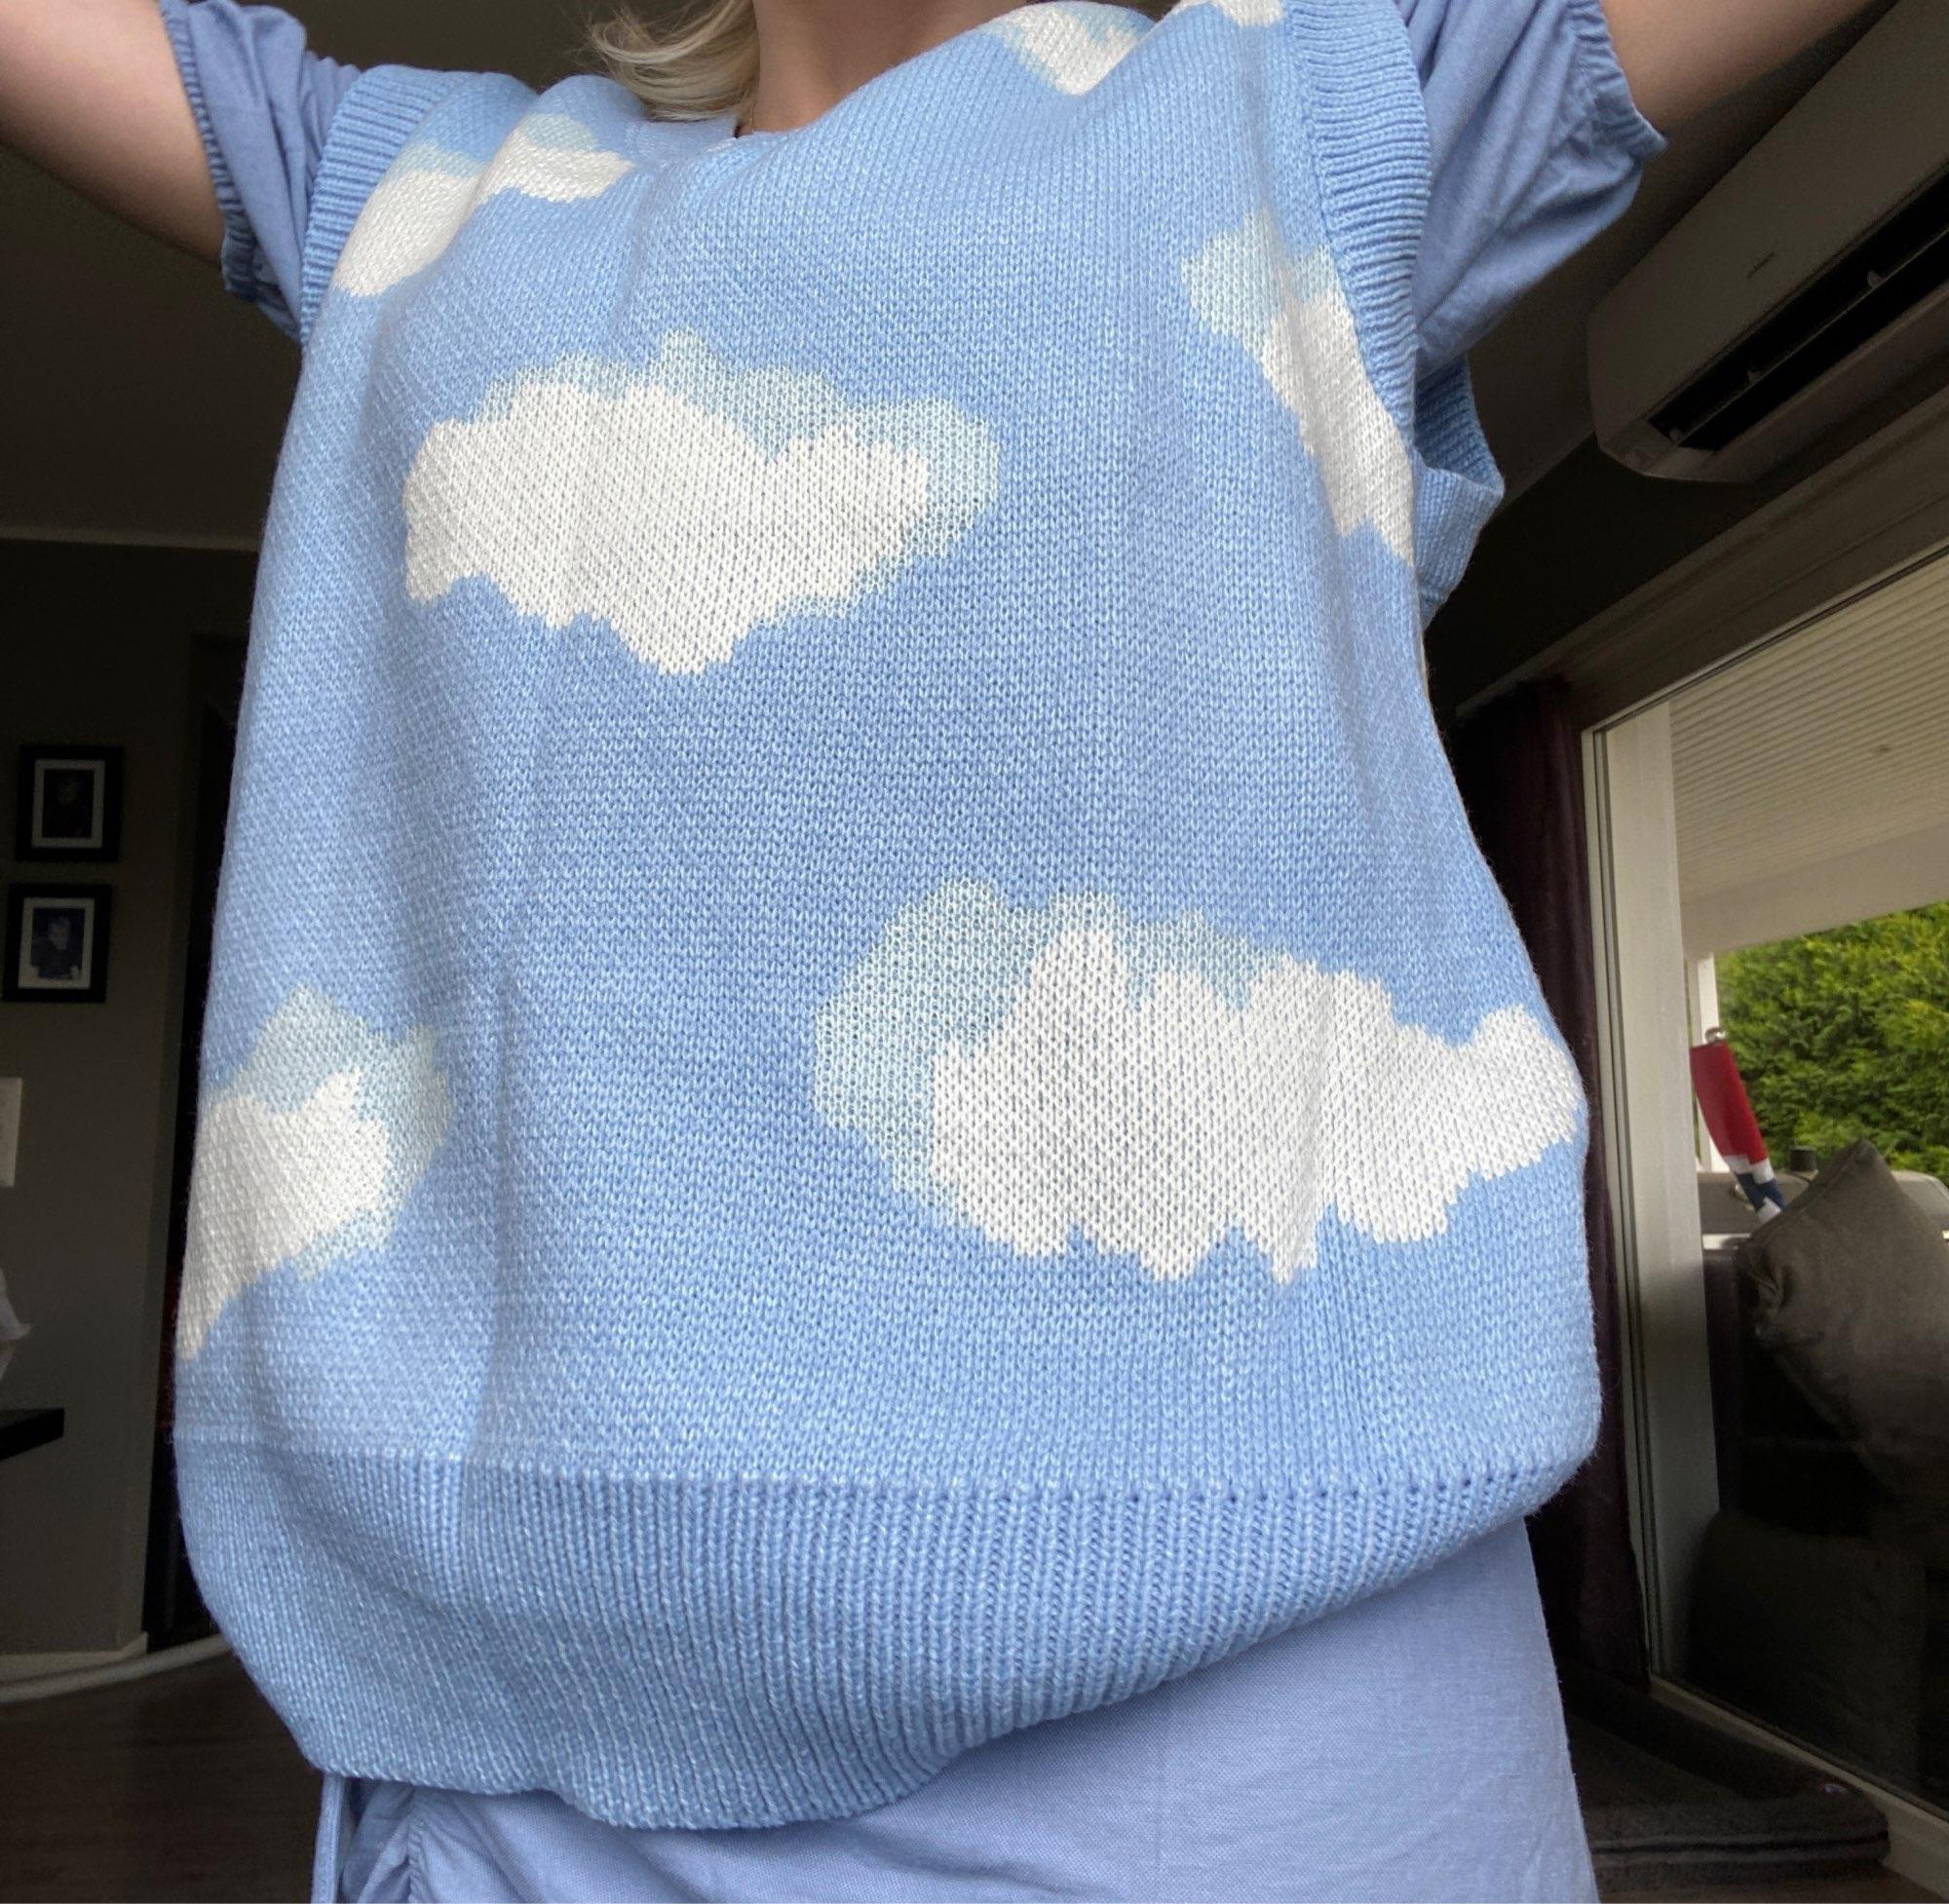 Harajuku Kawaii Pullovers with cloud print long or short sleeves photo review